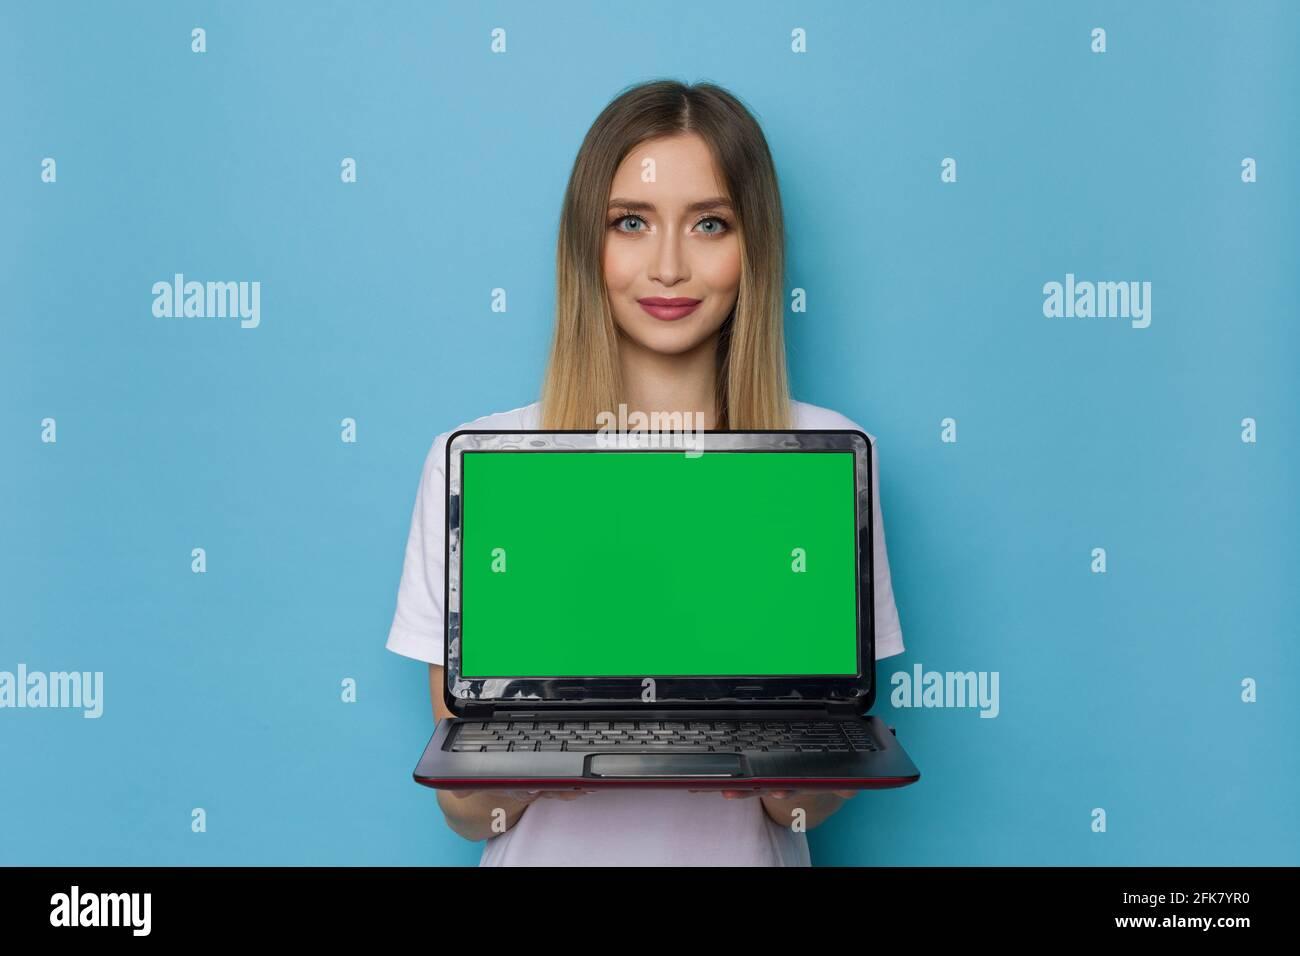 Belle jeune femme tient un ordinateur portable avec un cri vert. Taille haute studio tourné sur fond bleu. Banque D'Images